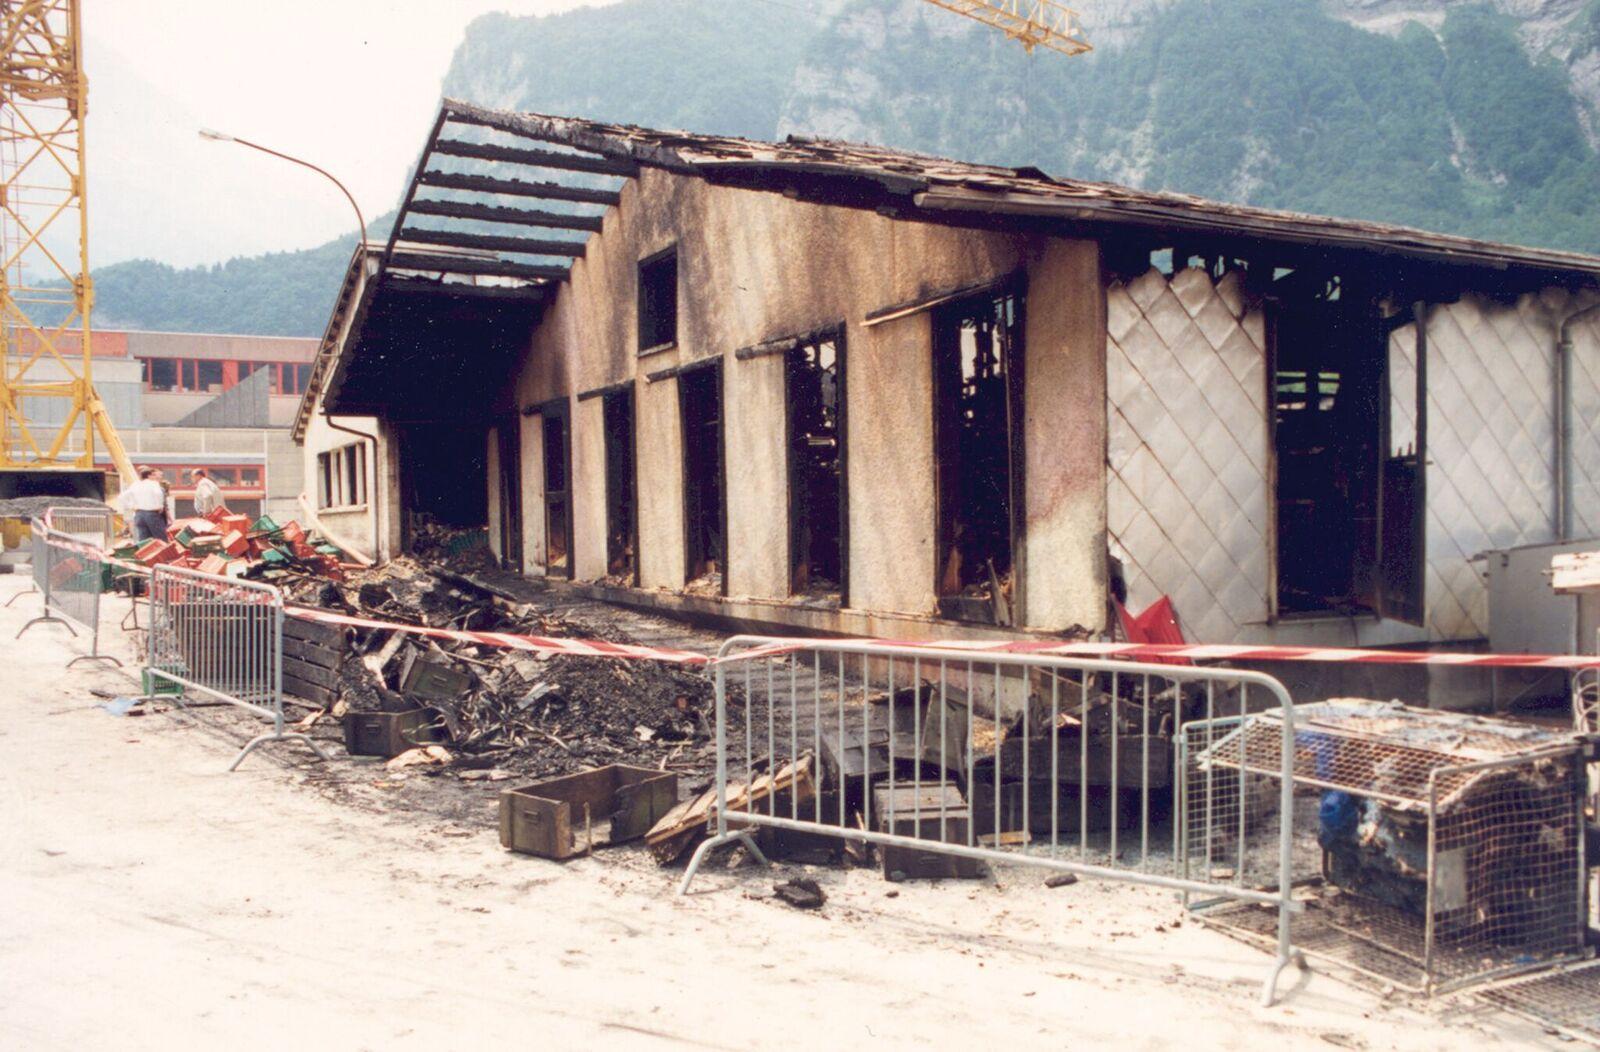 Trotz gezieltem, massivem Wasser- und Schaumeinsatz brannte das Fertigwarenlager vollständig aus.